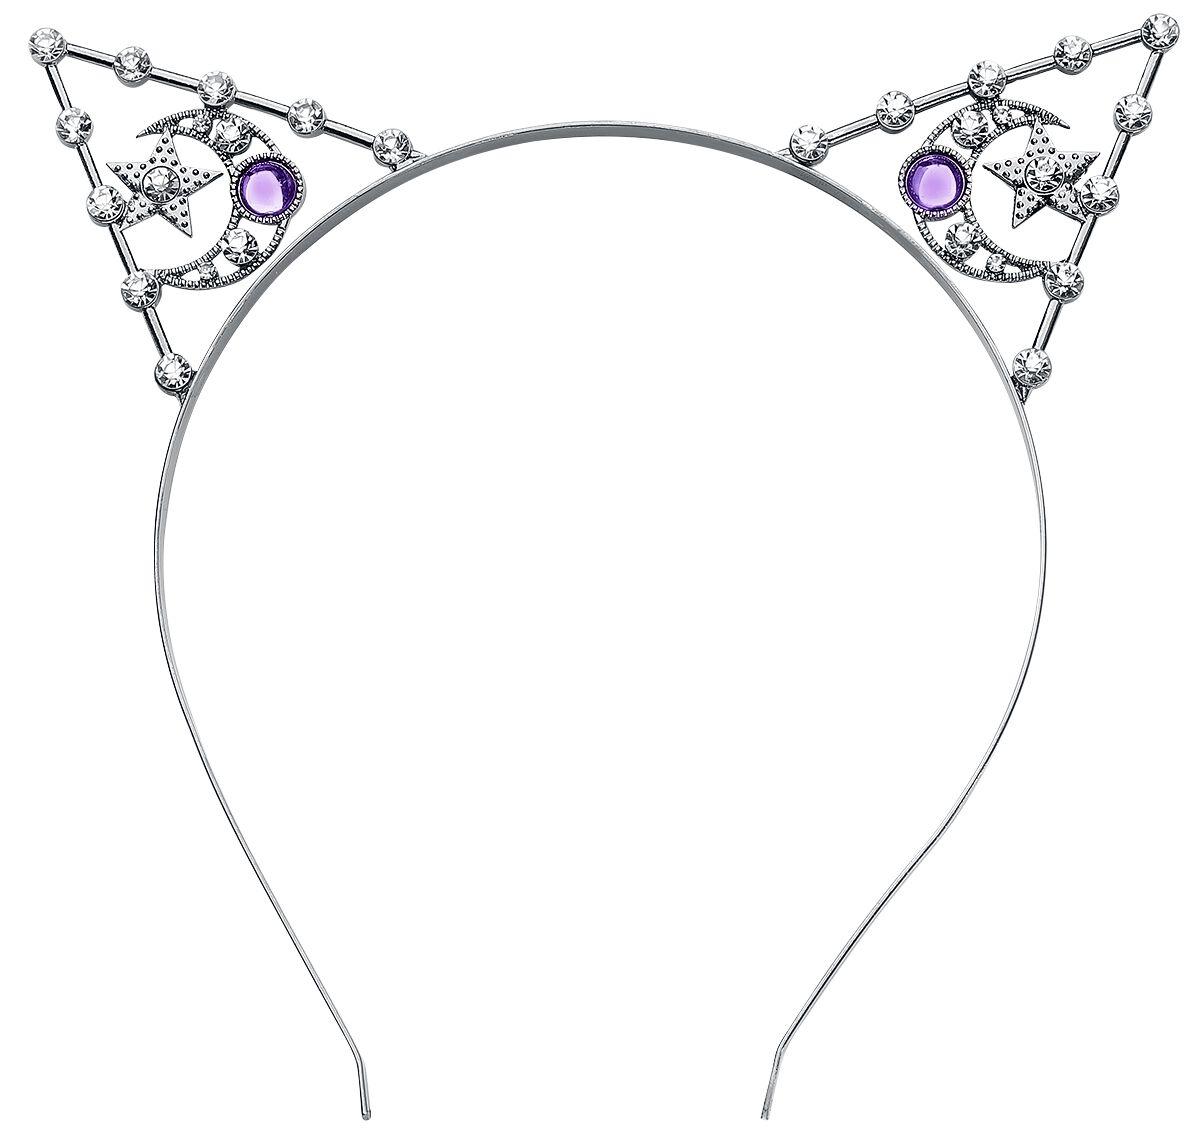 Basics - Ozdoby do włosów - Opaska na głowę Blackheart Fairy Bow Opaska na głowę standard - 353231